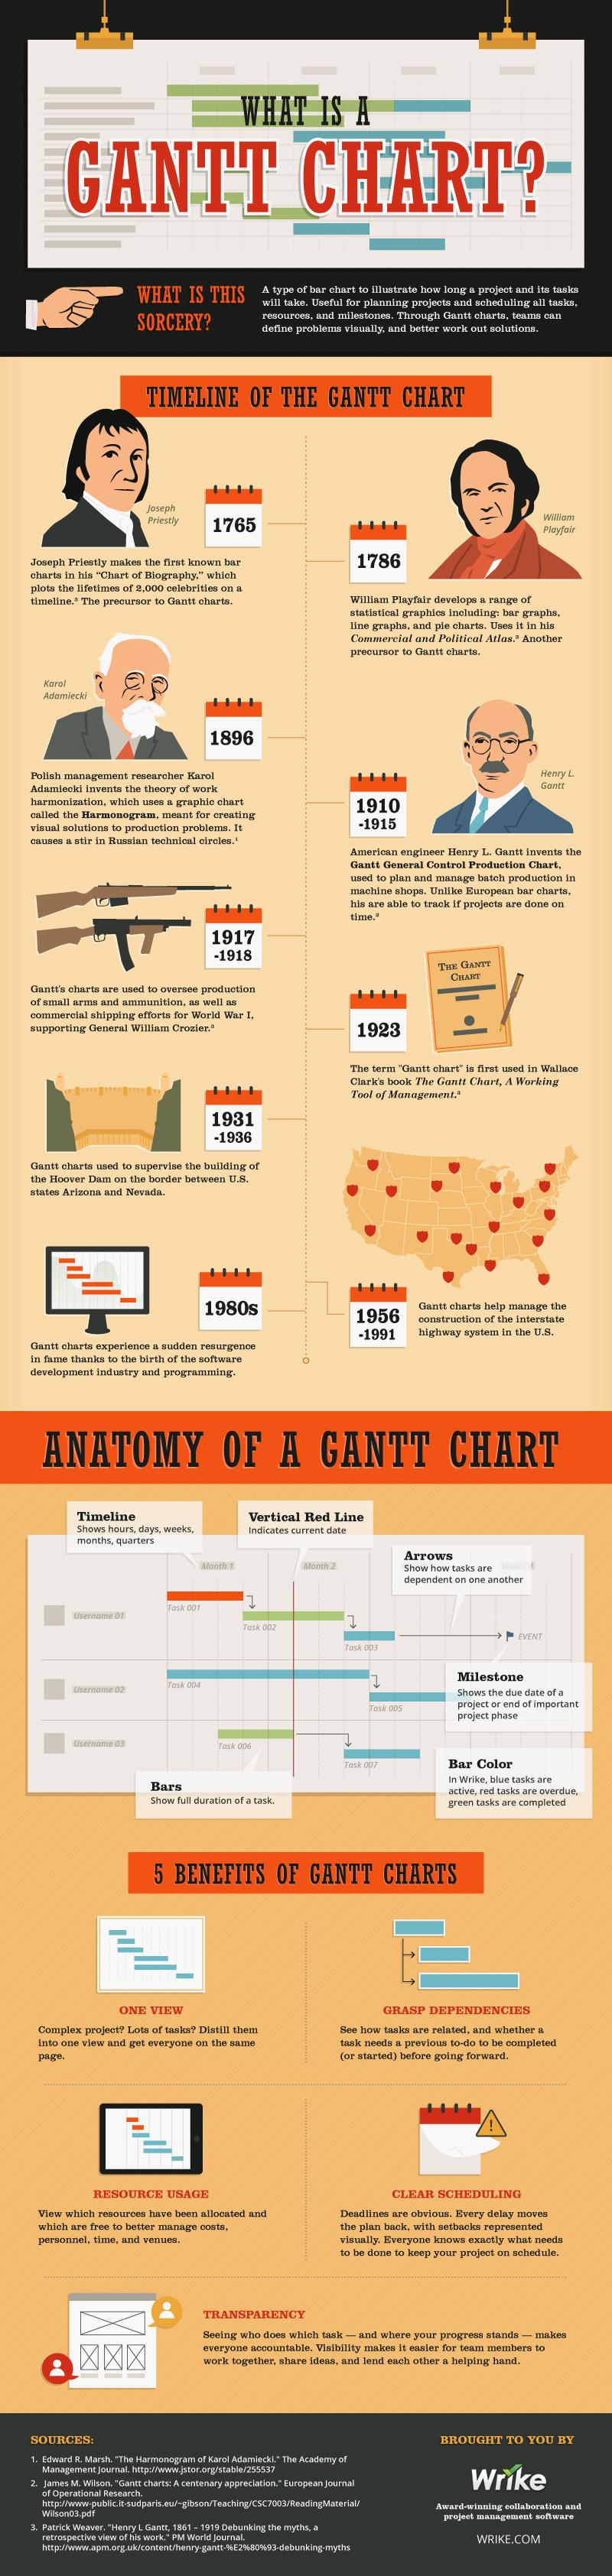 How To Build A Gantt Chart